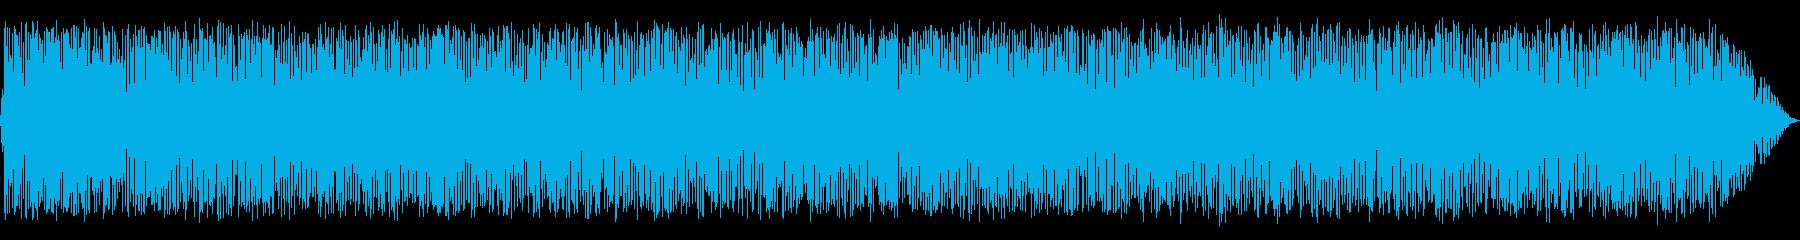 ホバーレーサー:スペースフライバイ...の再生済みの波形